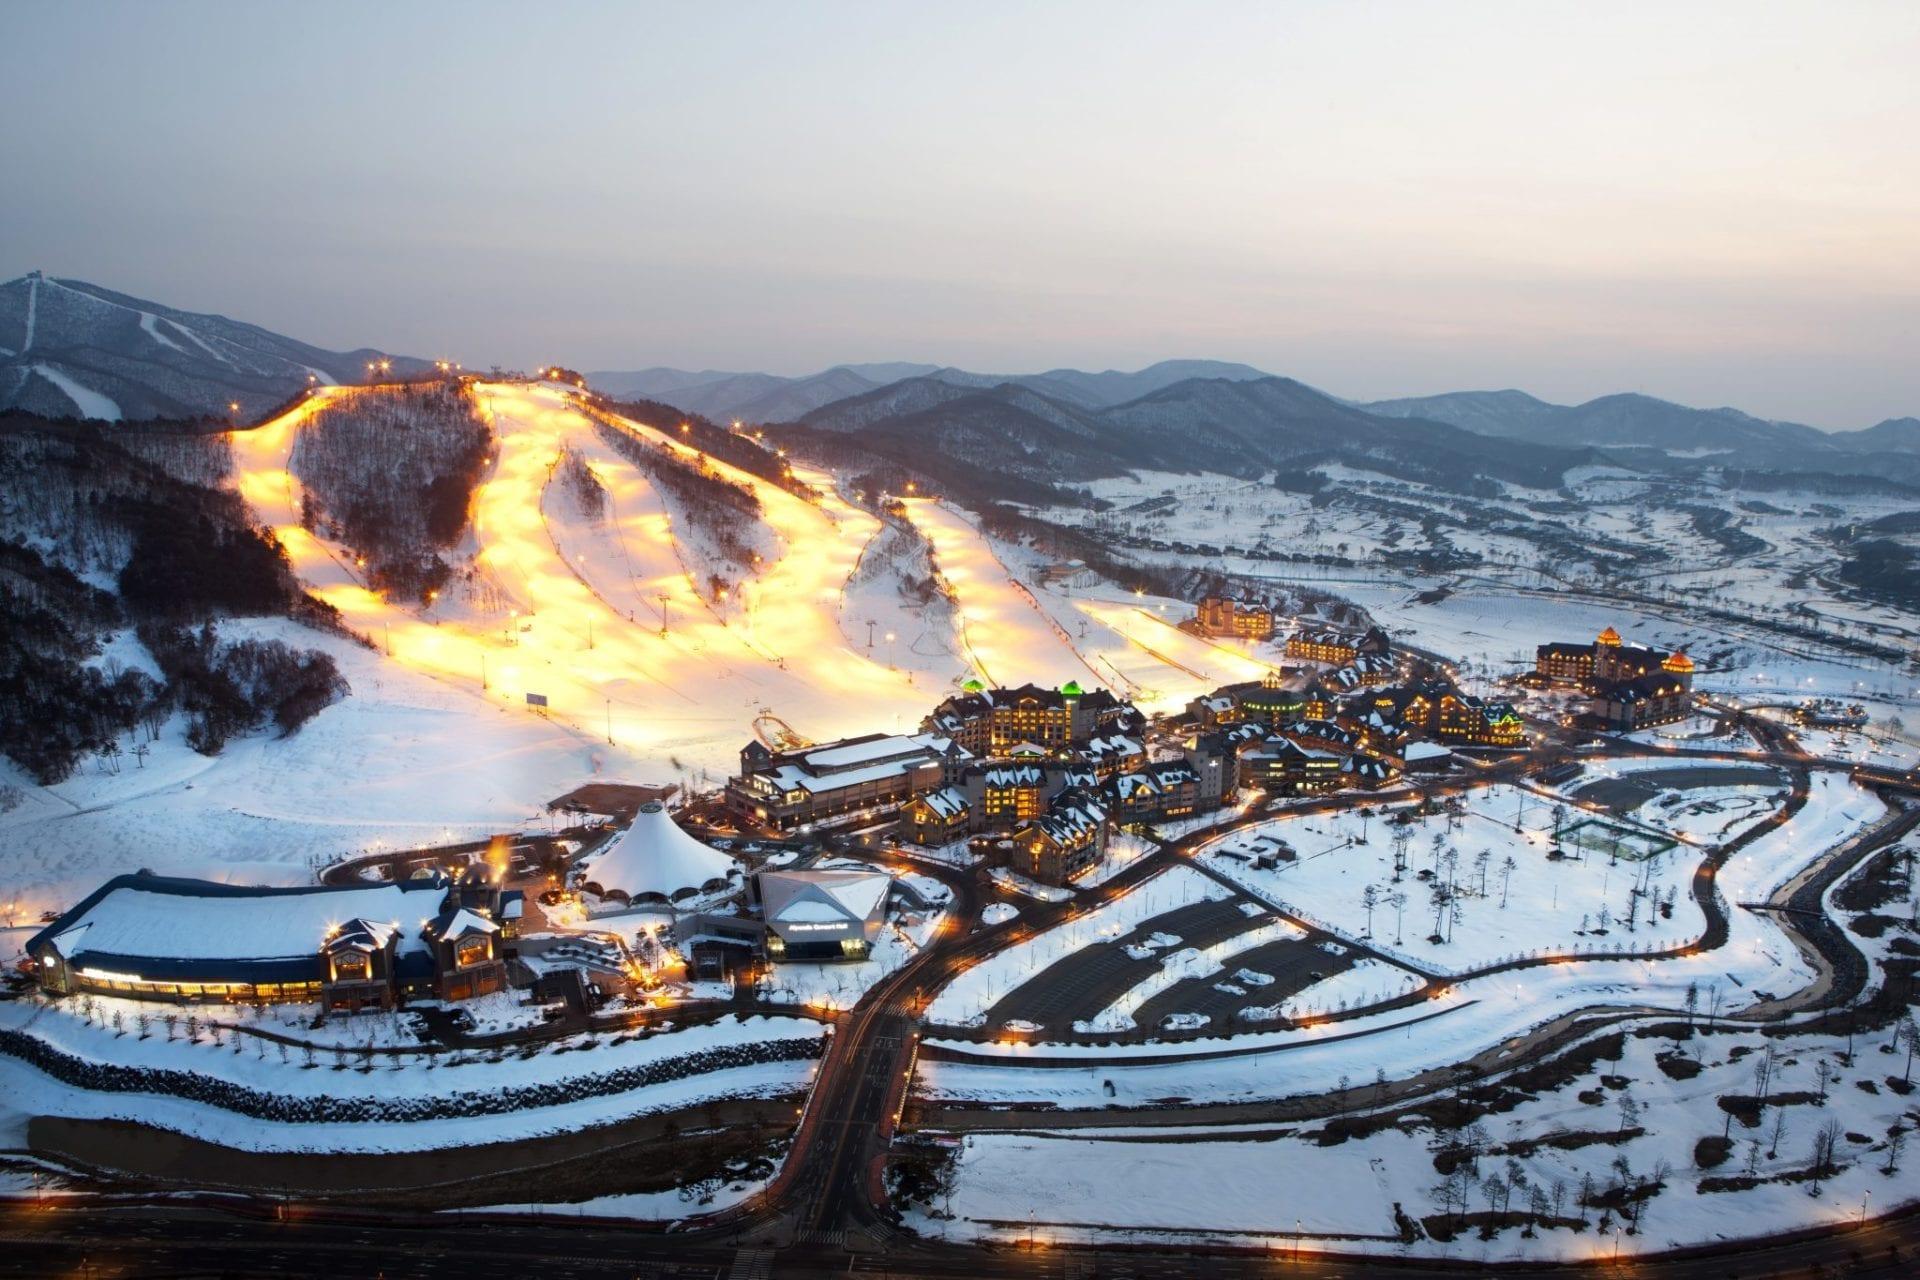 Alpensia Resort | Pyeongchang-gun, Gangwon-do